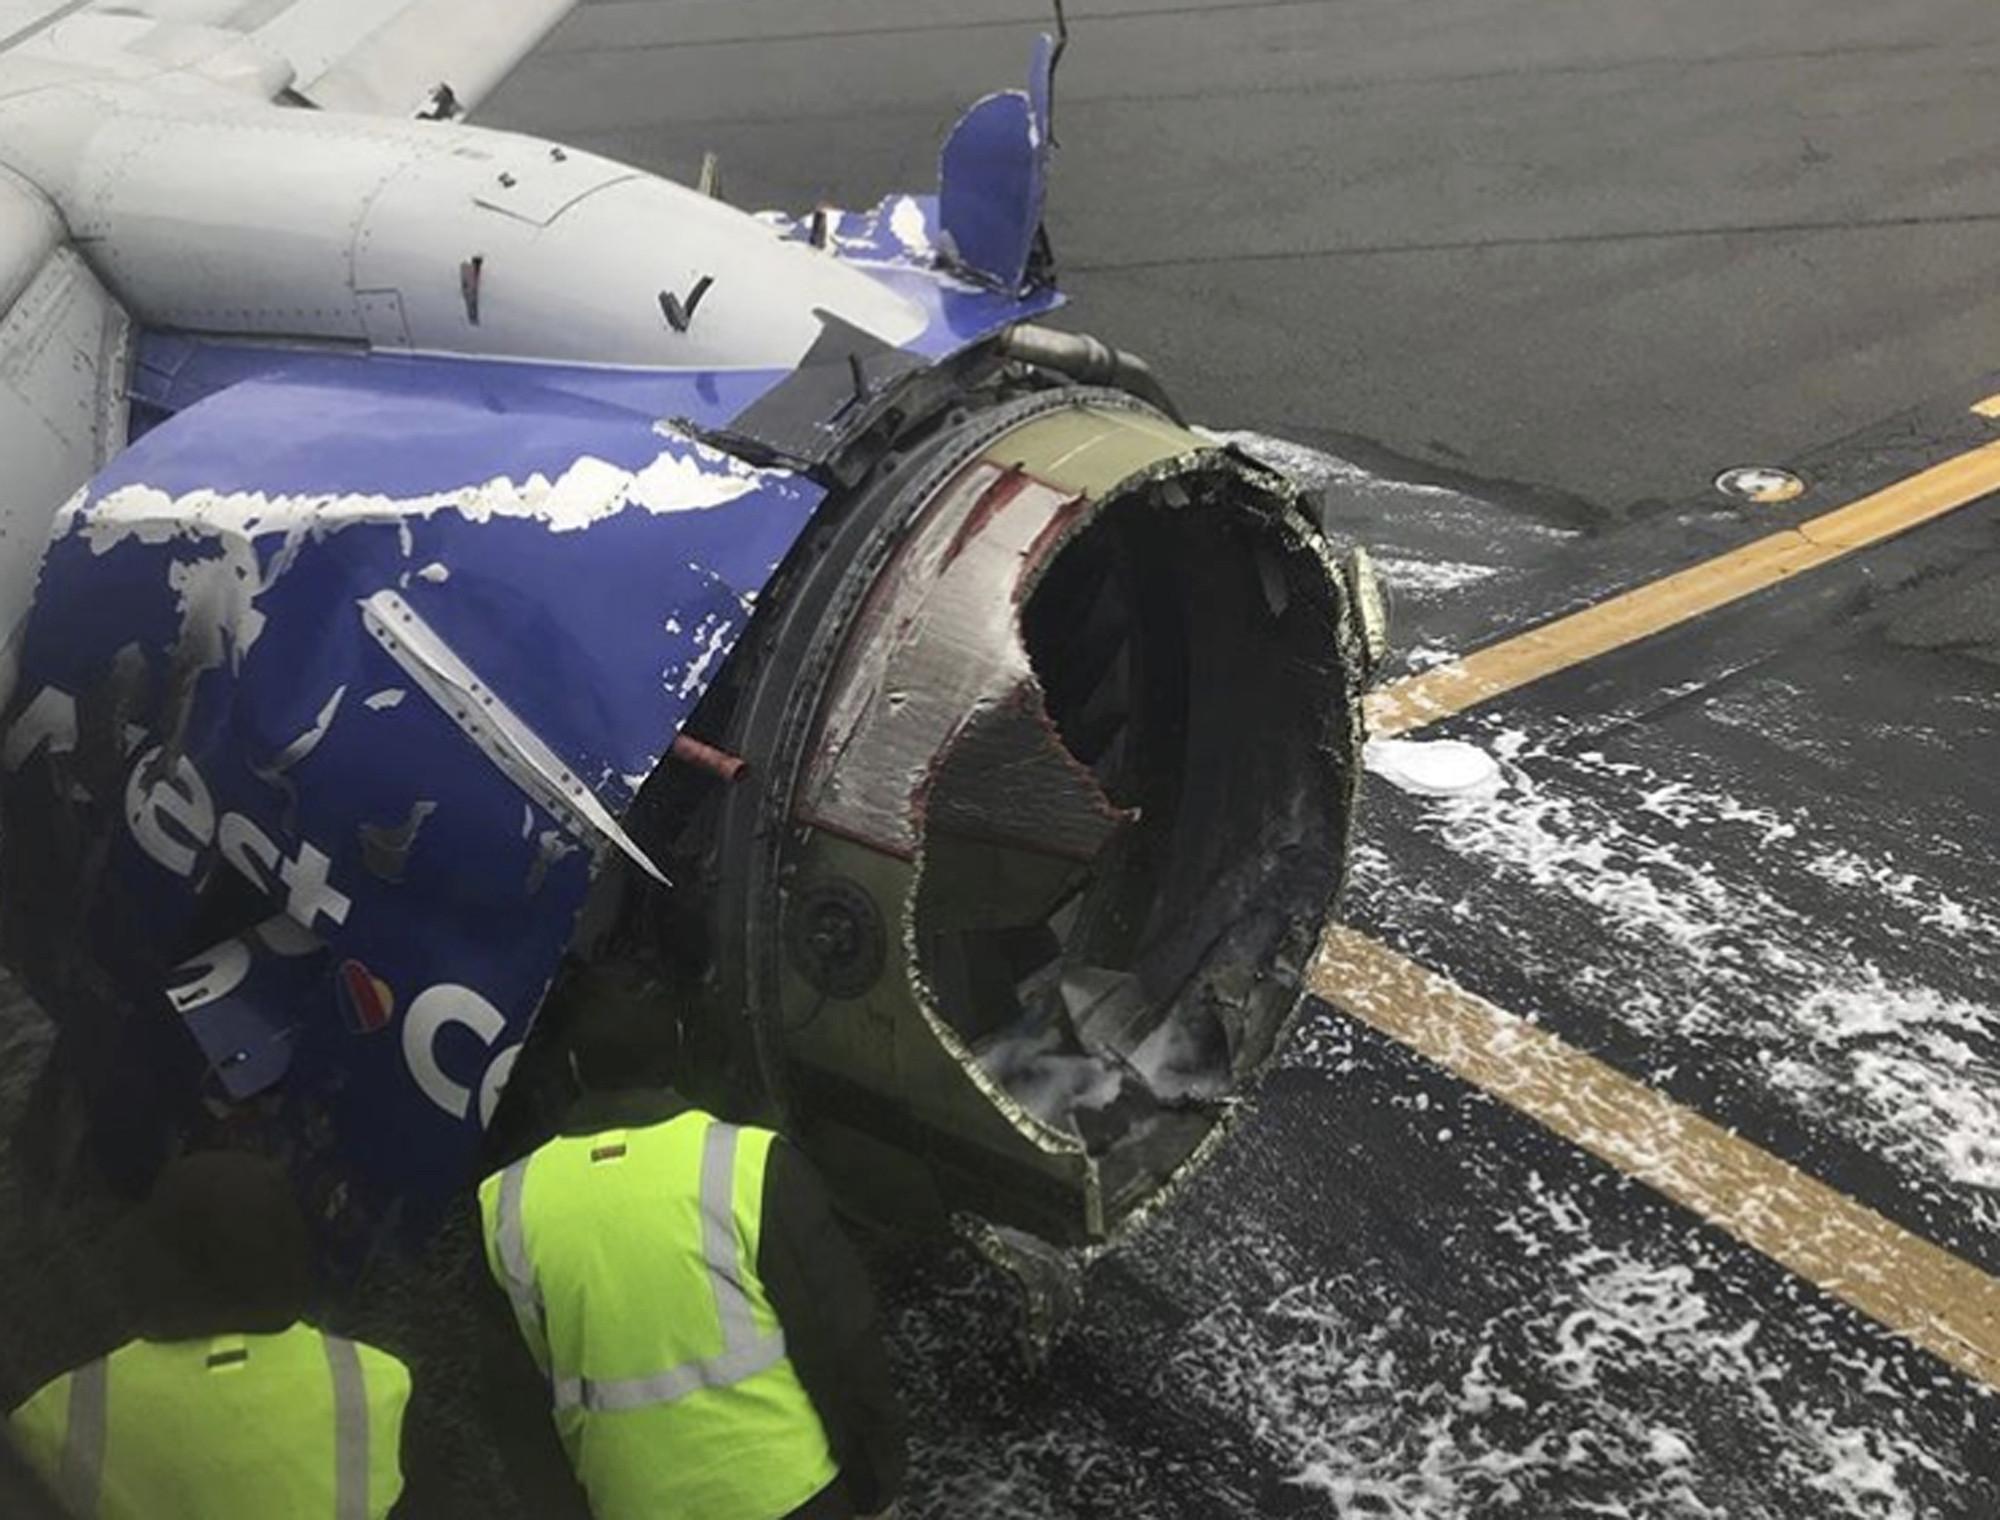 美國西南航空(Southwest Airlines)一架波音737-700型客機左引擎在高空中爆炸,證實造成1名乘客死亡、7人輕傷。(圖/達志影像/美聯社)